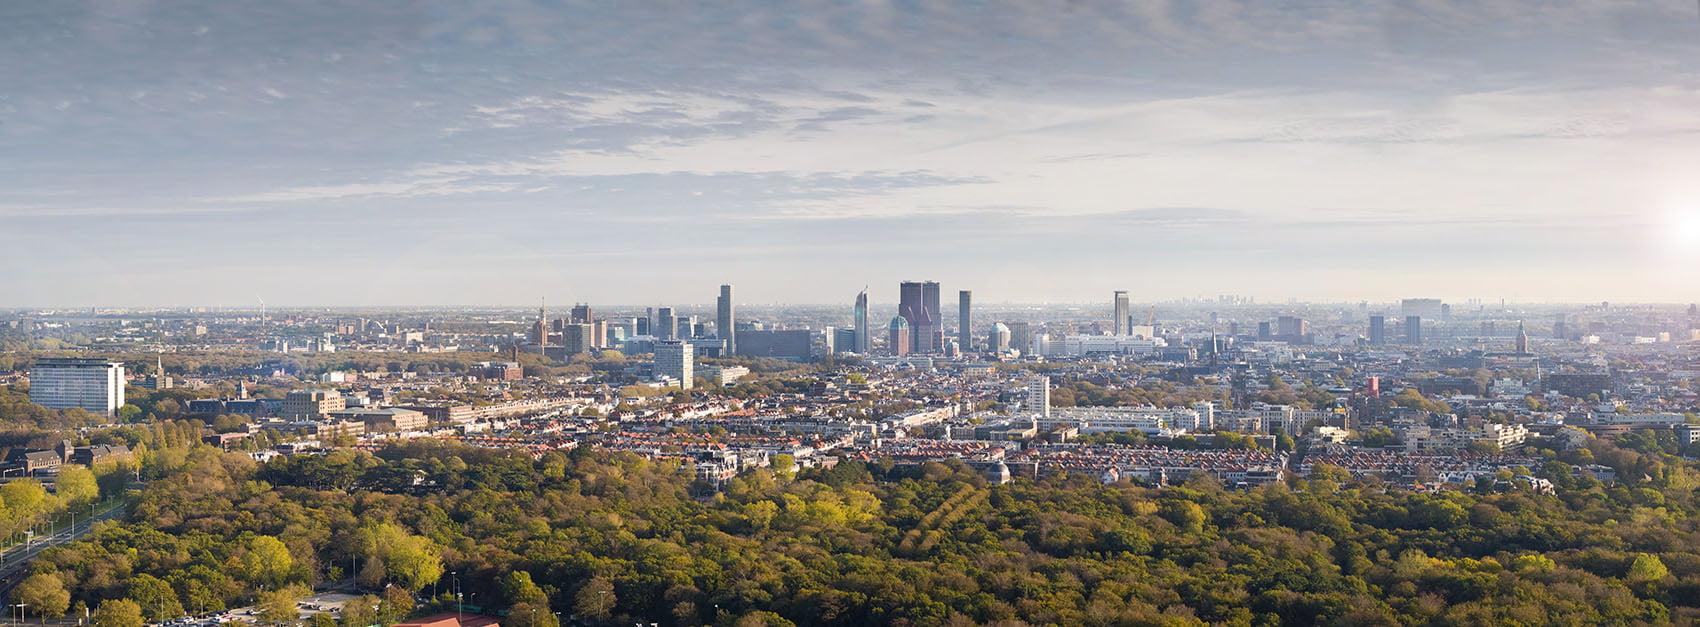 Skyline luchtfoto Den Haag